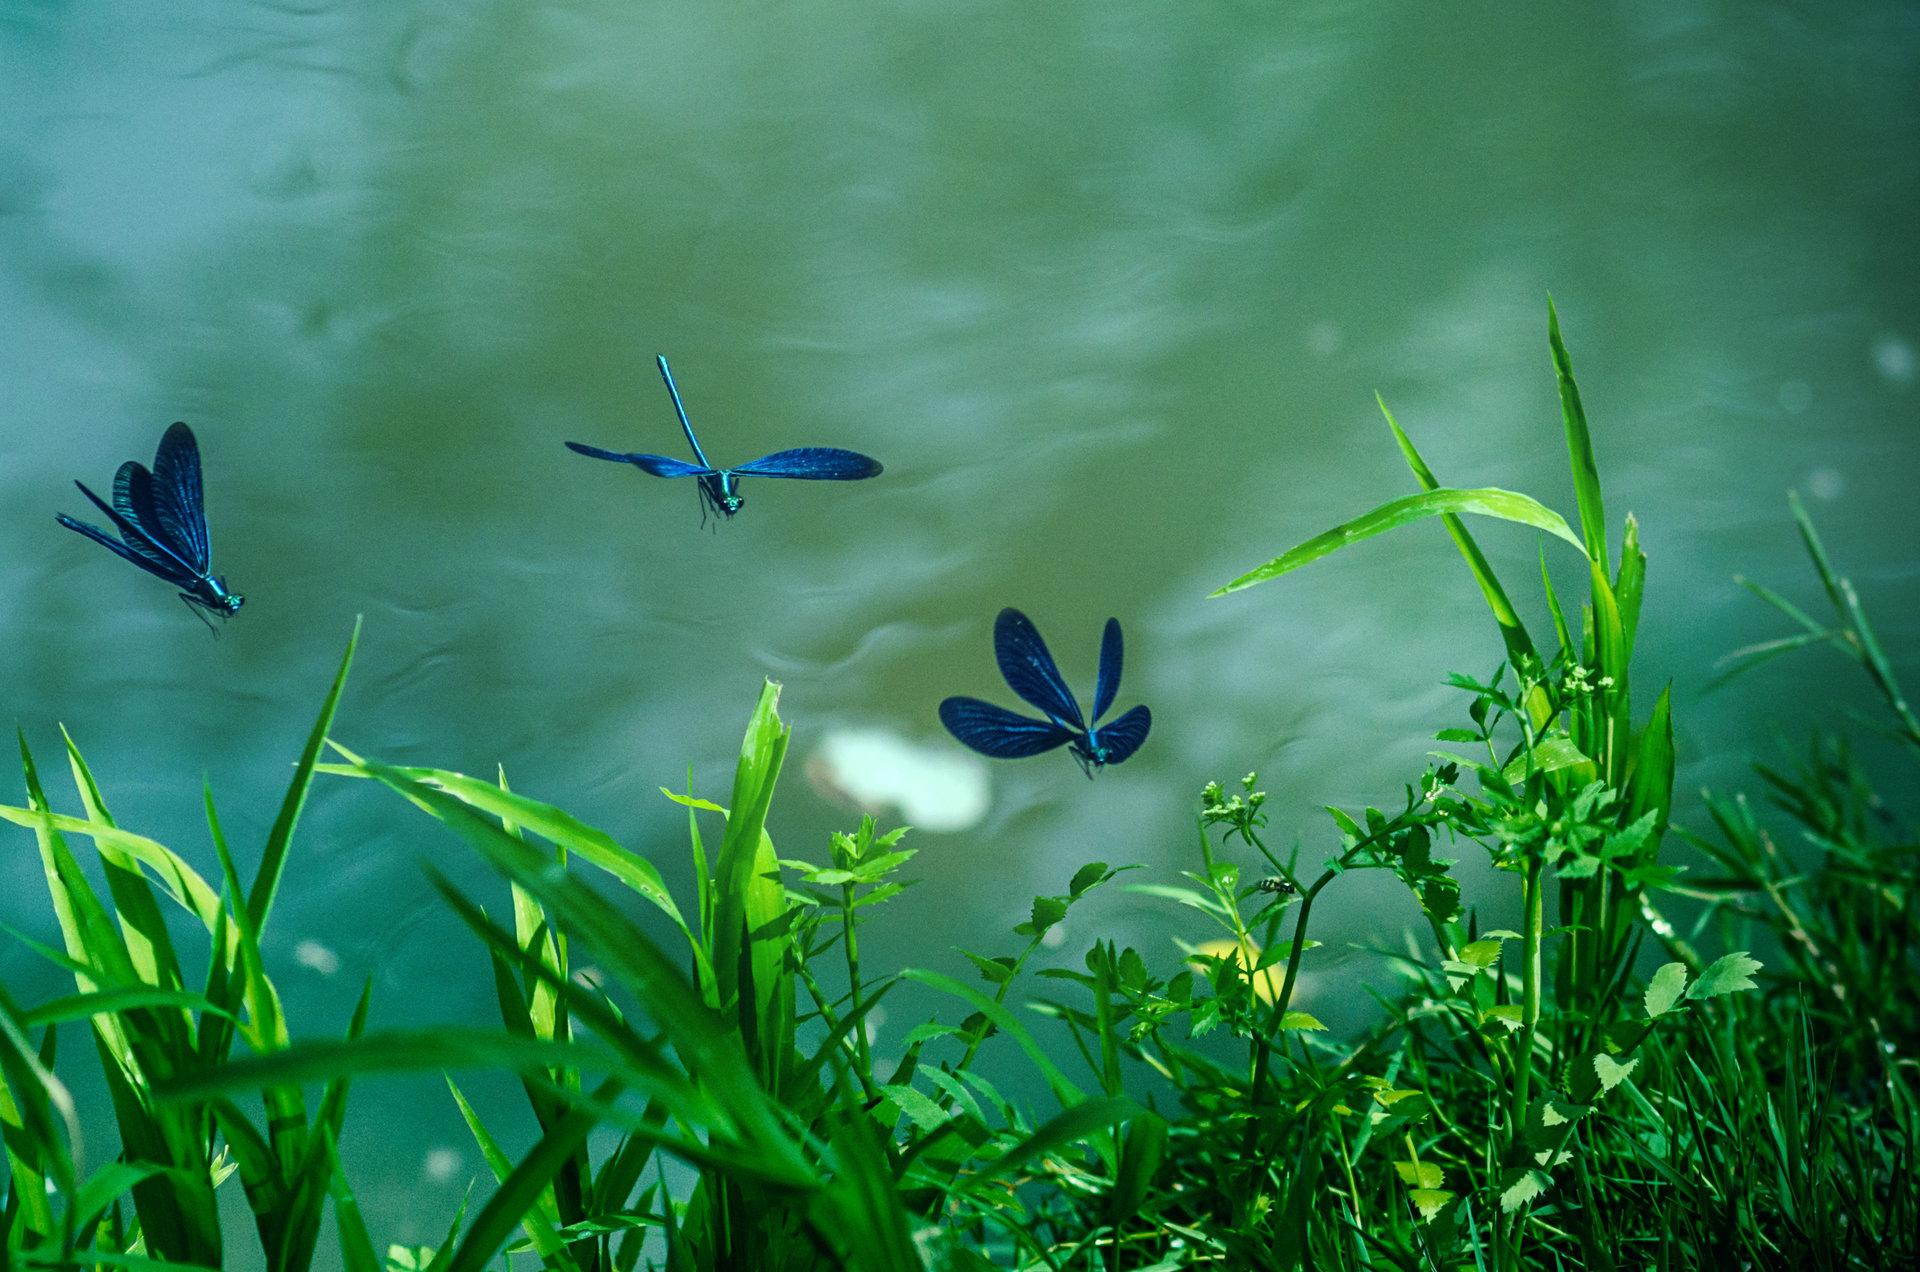 сини водни кончета при река Златна Панега | Author Desislava Ignatova - desiignat | PHOTO FORUM